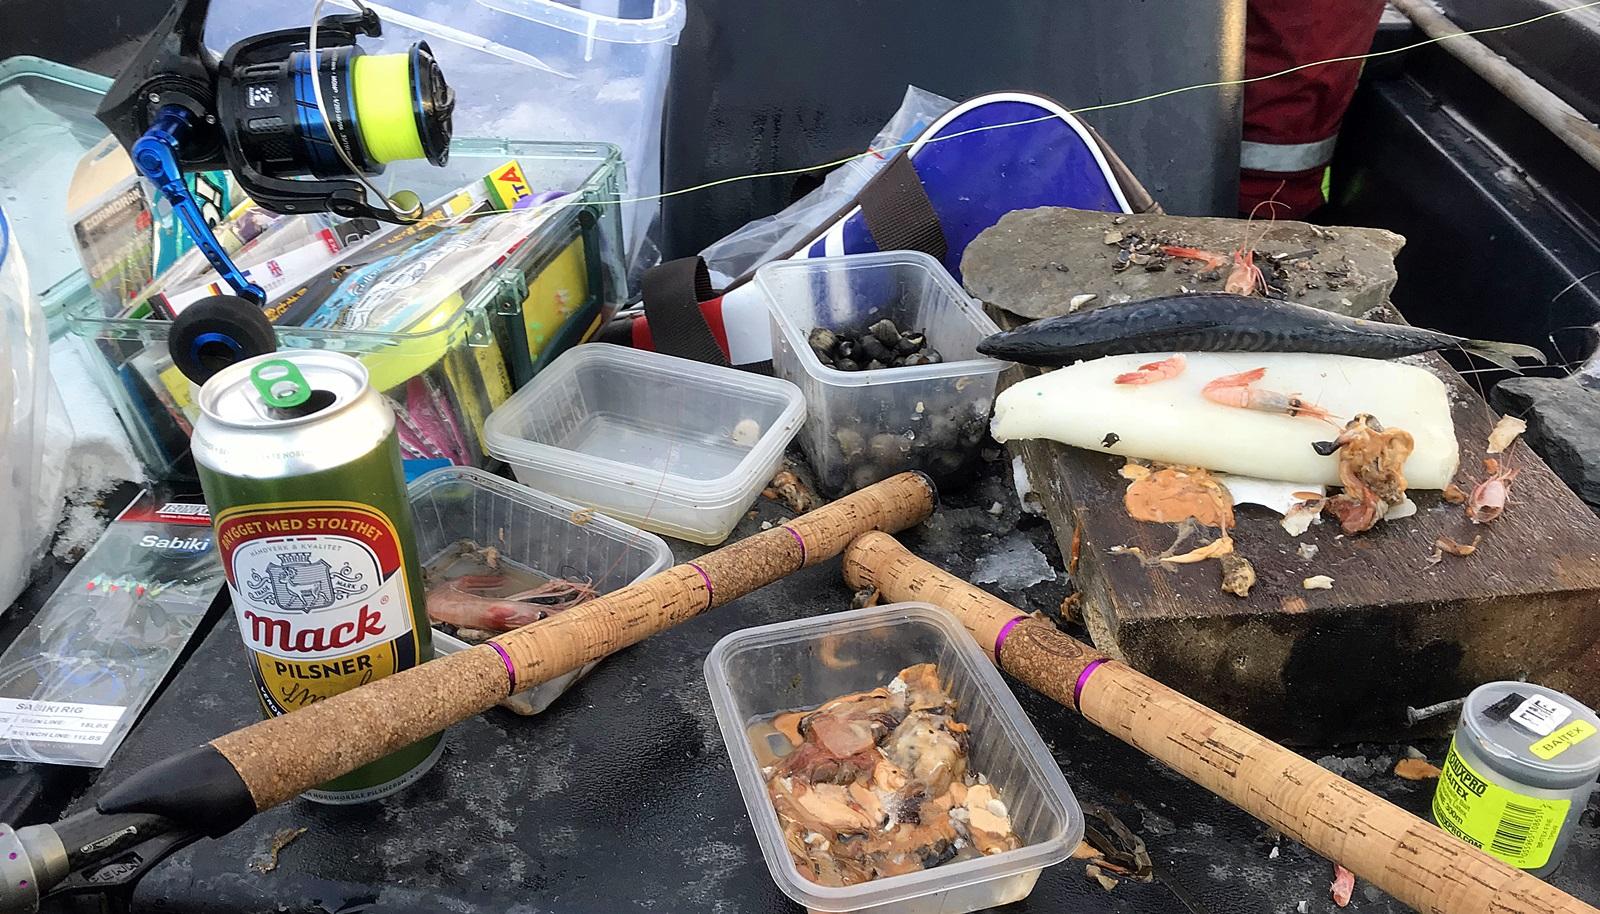 Mye forberedelser måtte til for en slik tur, og alt utstyr må fungere smertefritt under slike omgivelser